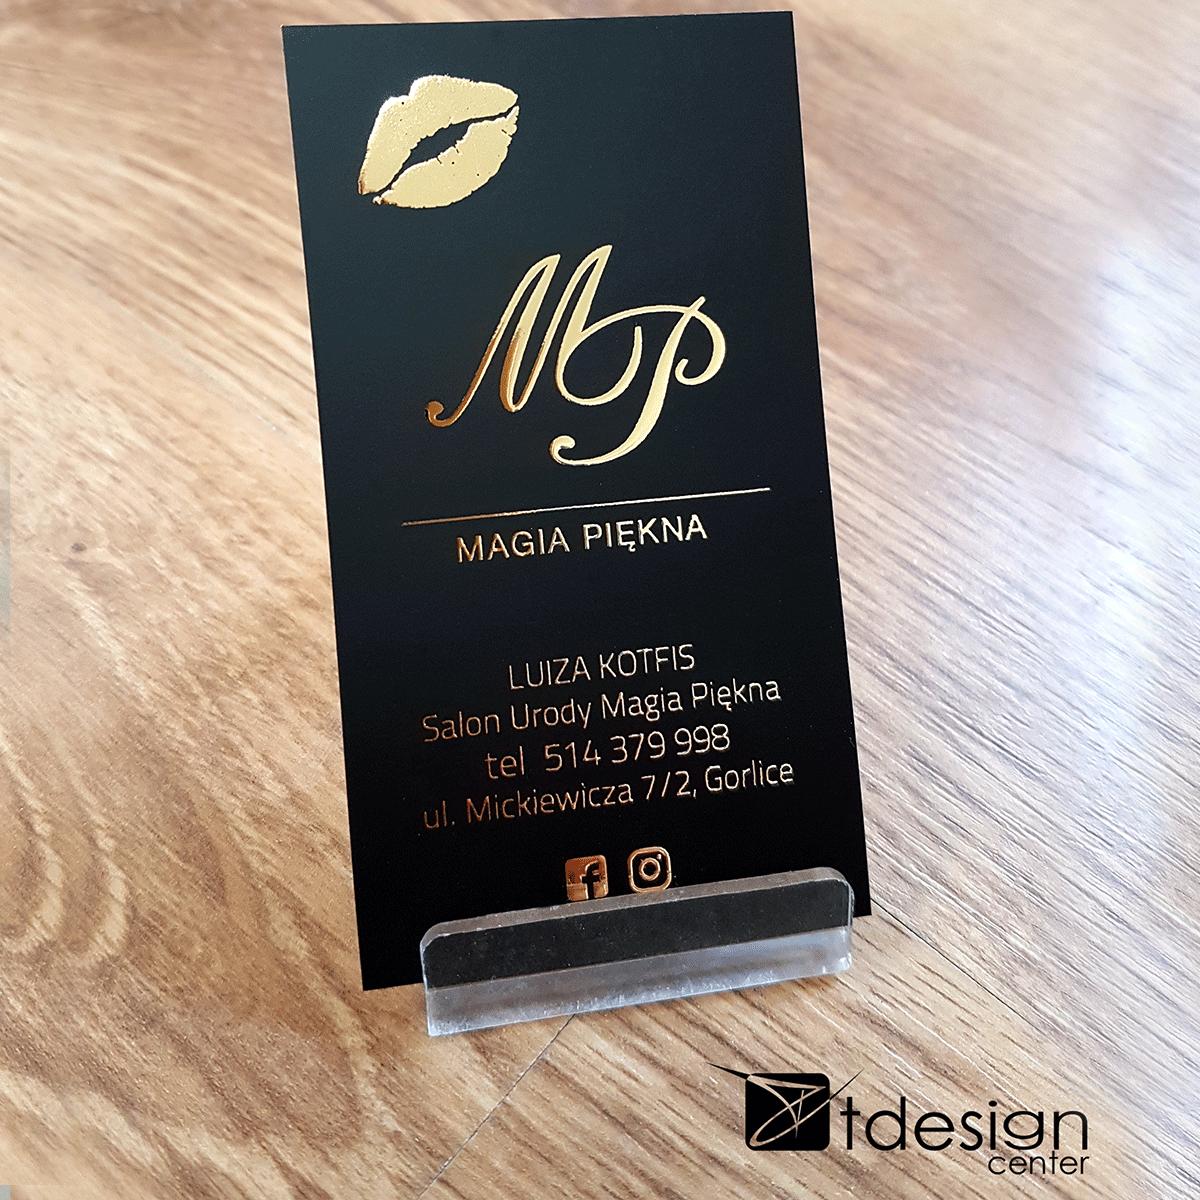 Wizytówka 90x50mm z dodatkowym uszlachetnieniem LIQUID GOLD 3D 1/0, projekt + druk, realizacja dla Magii Piękna